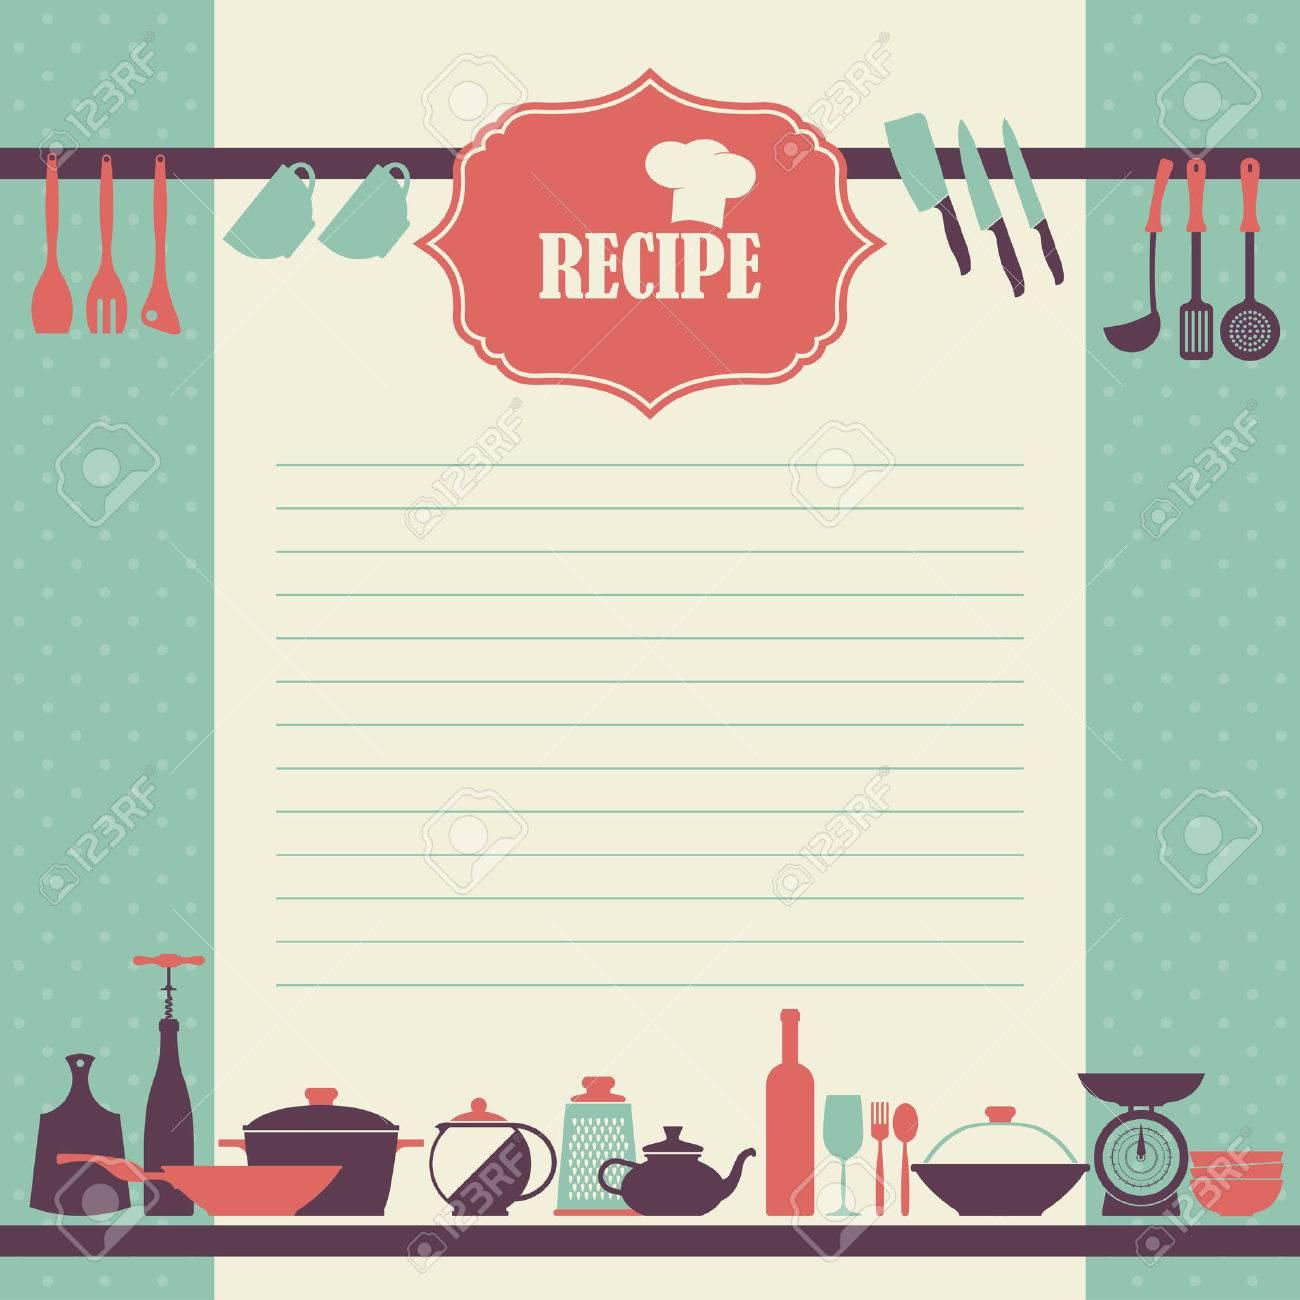 Diseño de la página de la receta. Página del libro de cocina de estilo  vintage